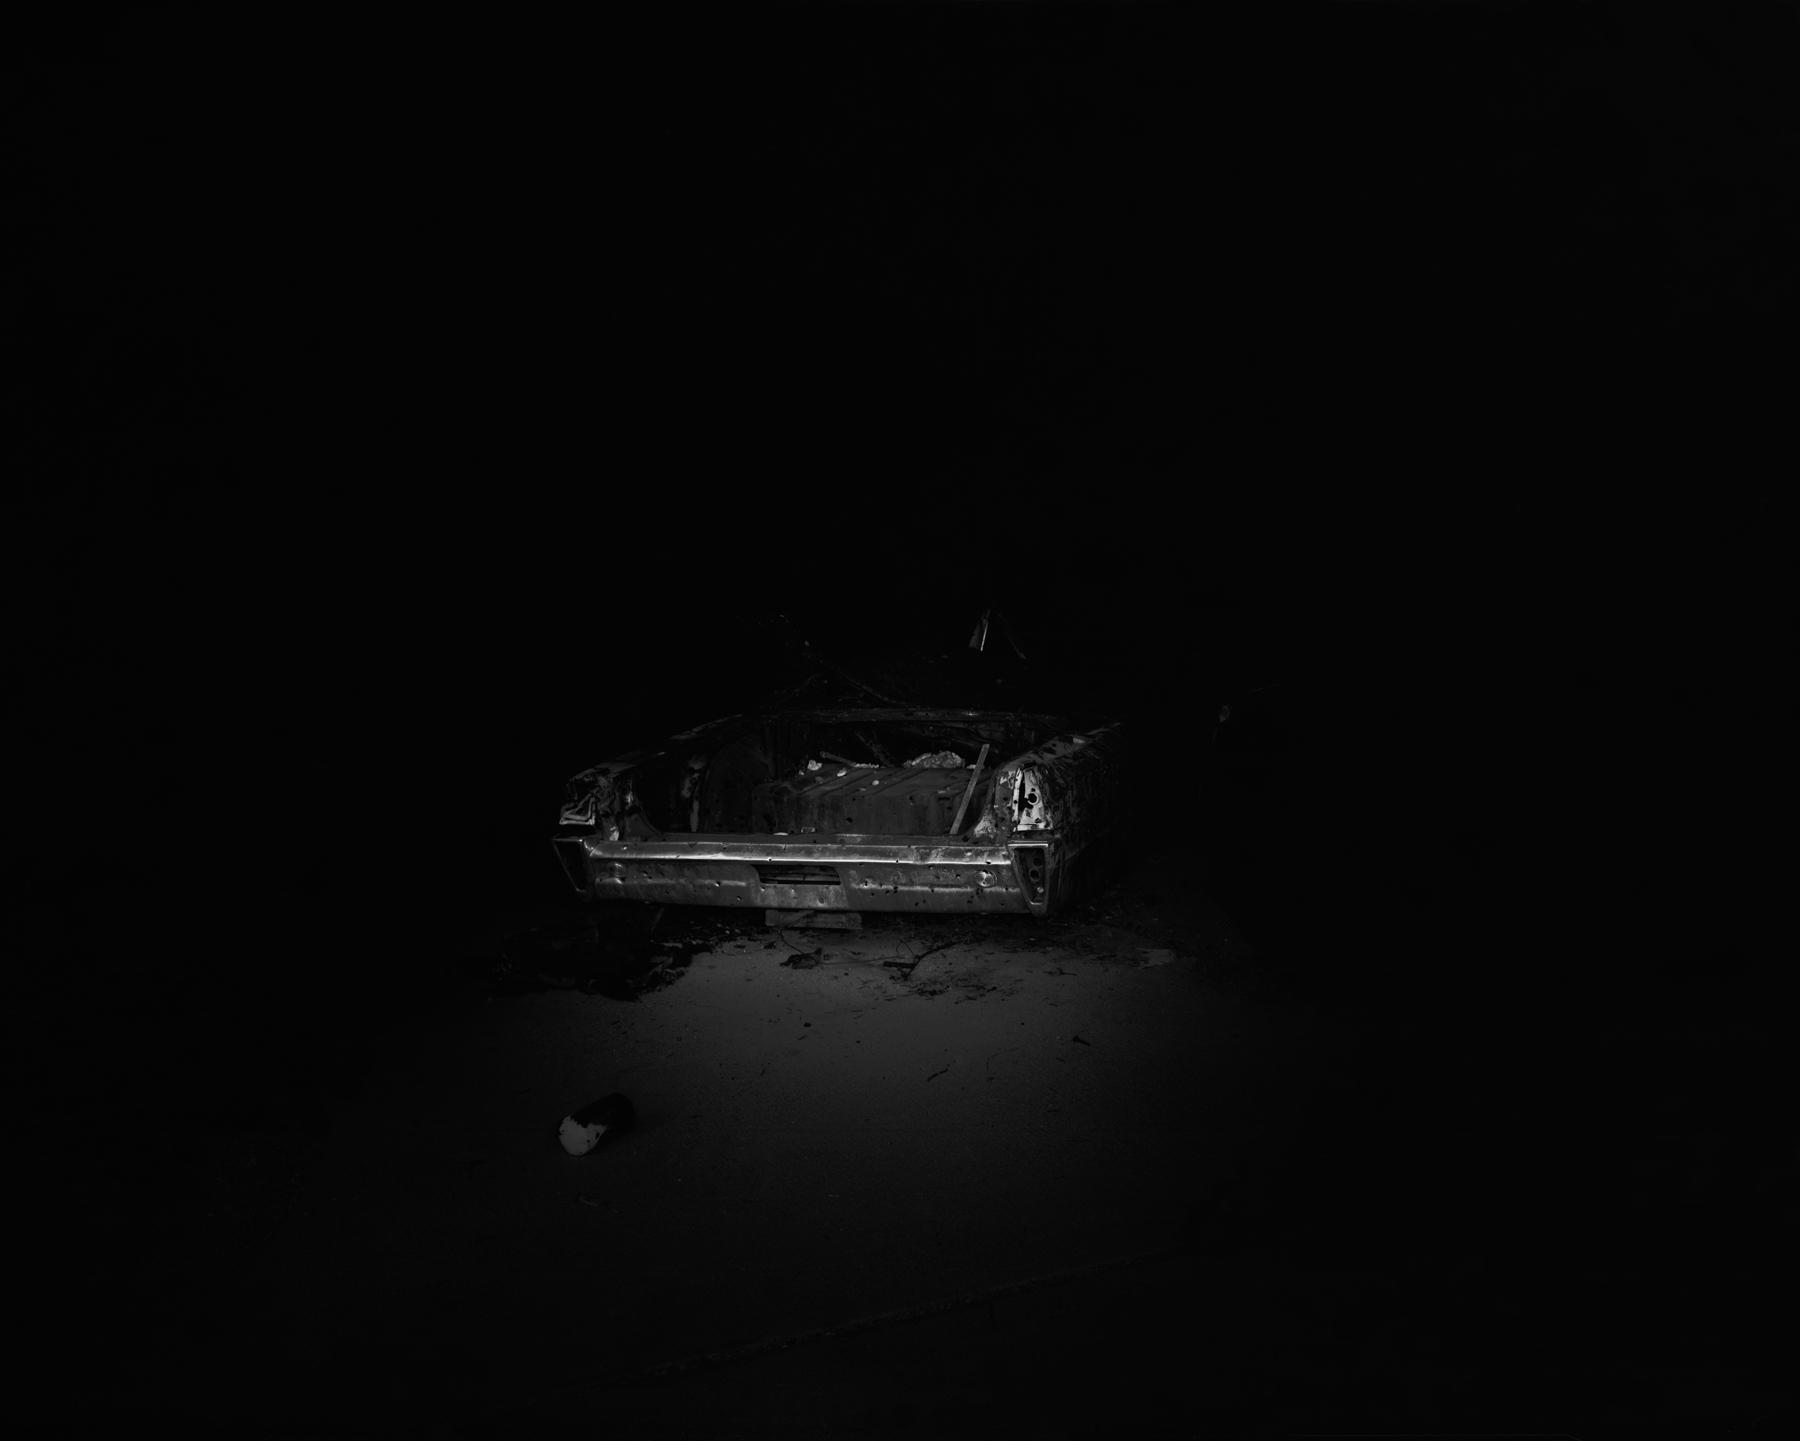 sedan, near rice, california  2009